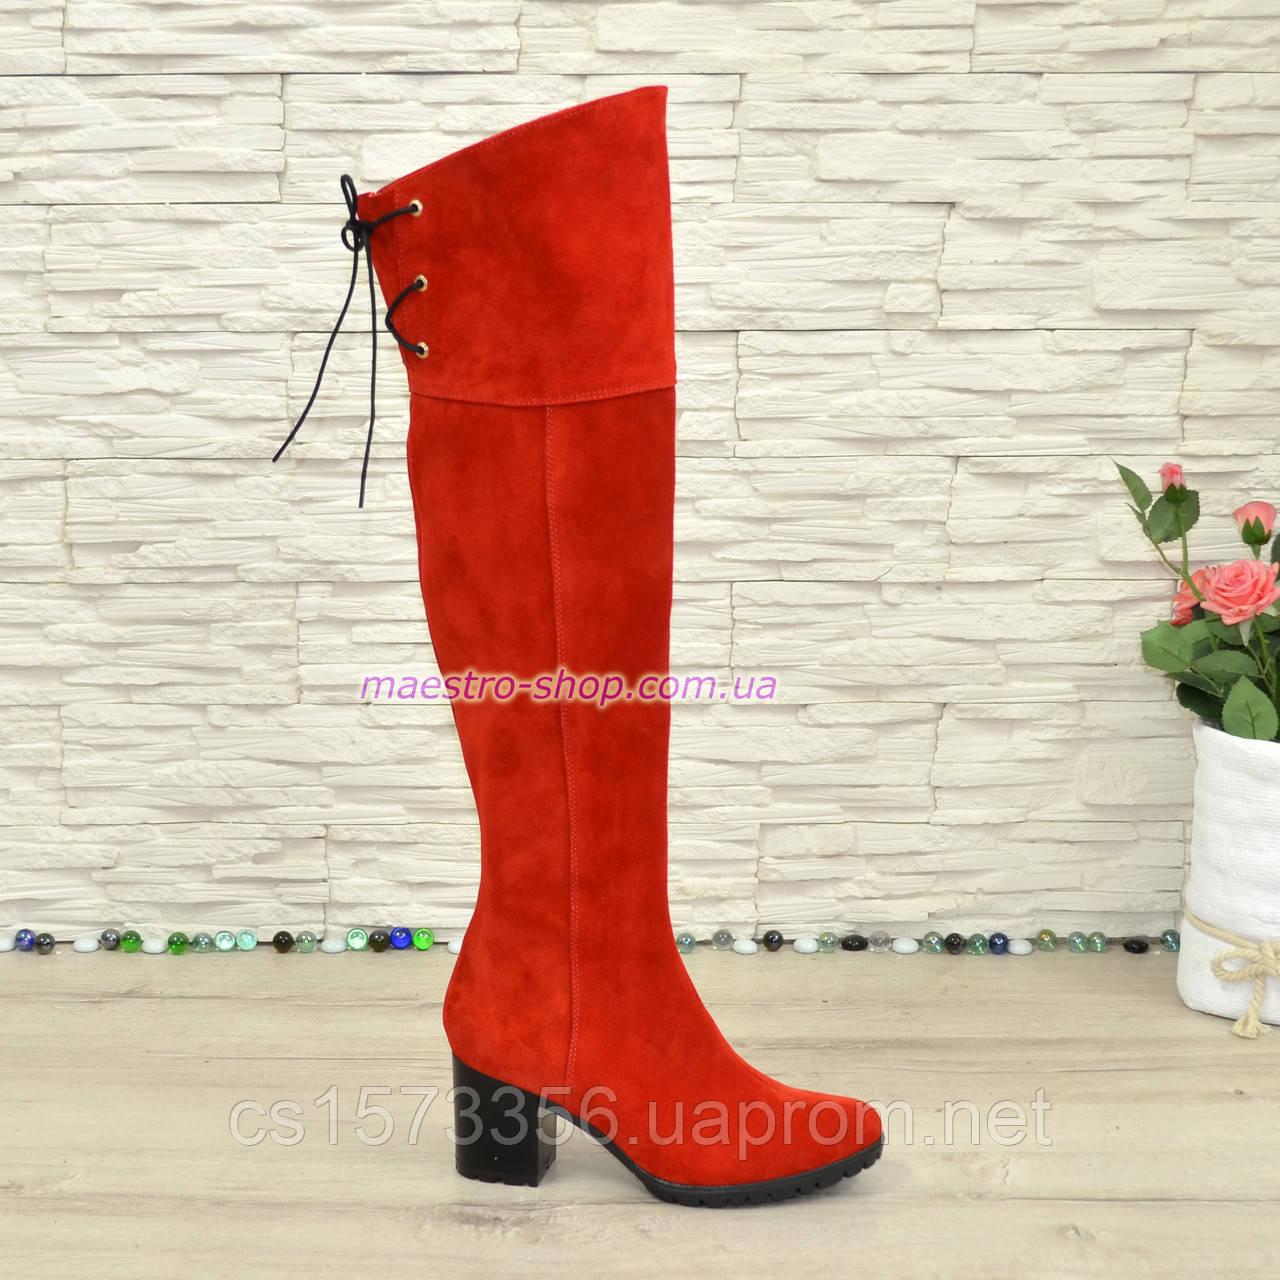 c8c547eec048 Замшевые красные ботфорты на устойчивом каблуке демисезонные